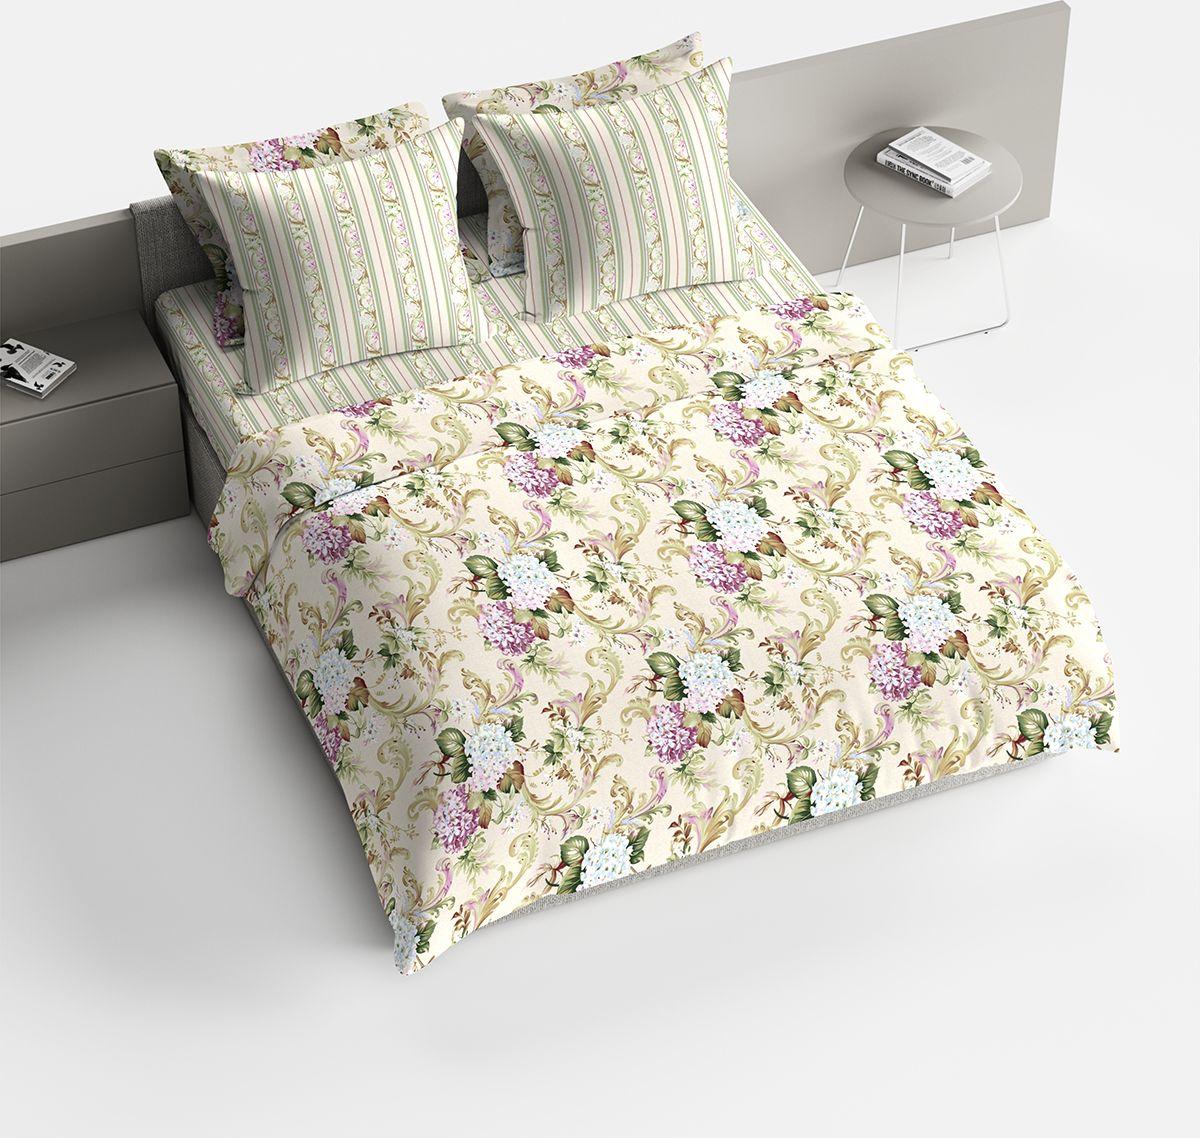 Комплект белья Браво Гортензия, 2-х спальное, наволочки 70x70, цвет: светло-бежевый. 1818-140690